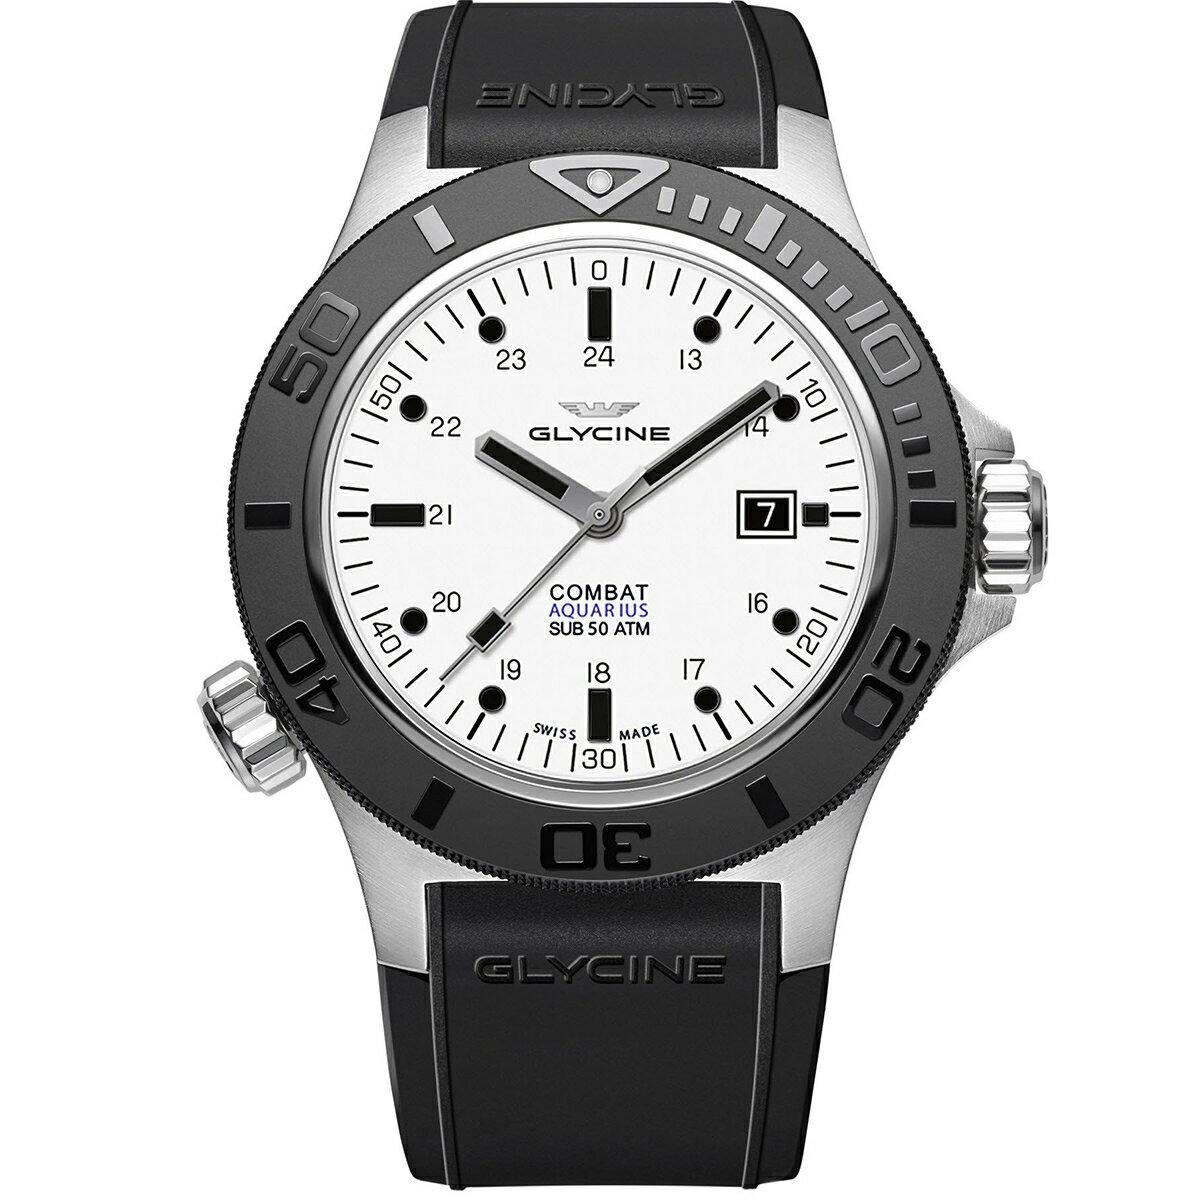 グライシン グリシン GLYCINE コンバット サブ アクエリアス COMBAT SUB AQUARIUS GL0037 メンズ 時計 腕時計 自動巻き オートマチック スイス製 スイスメイド ダイバーズ